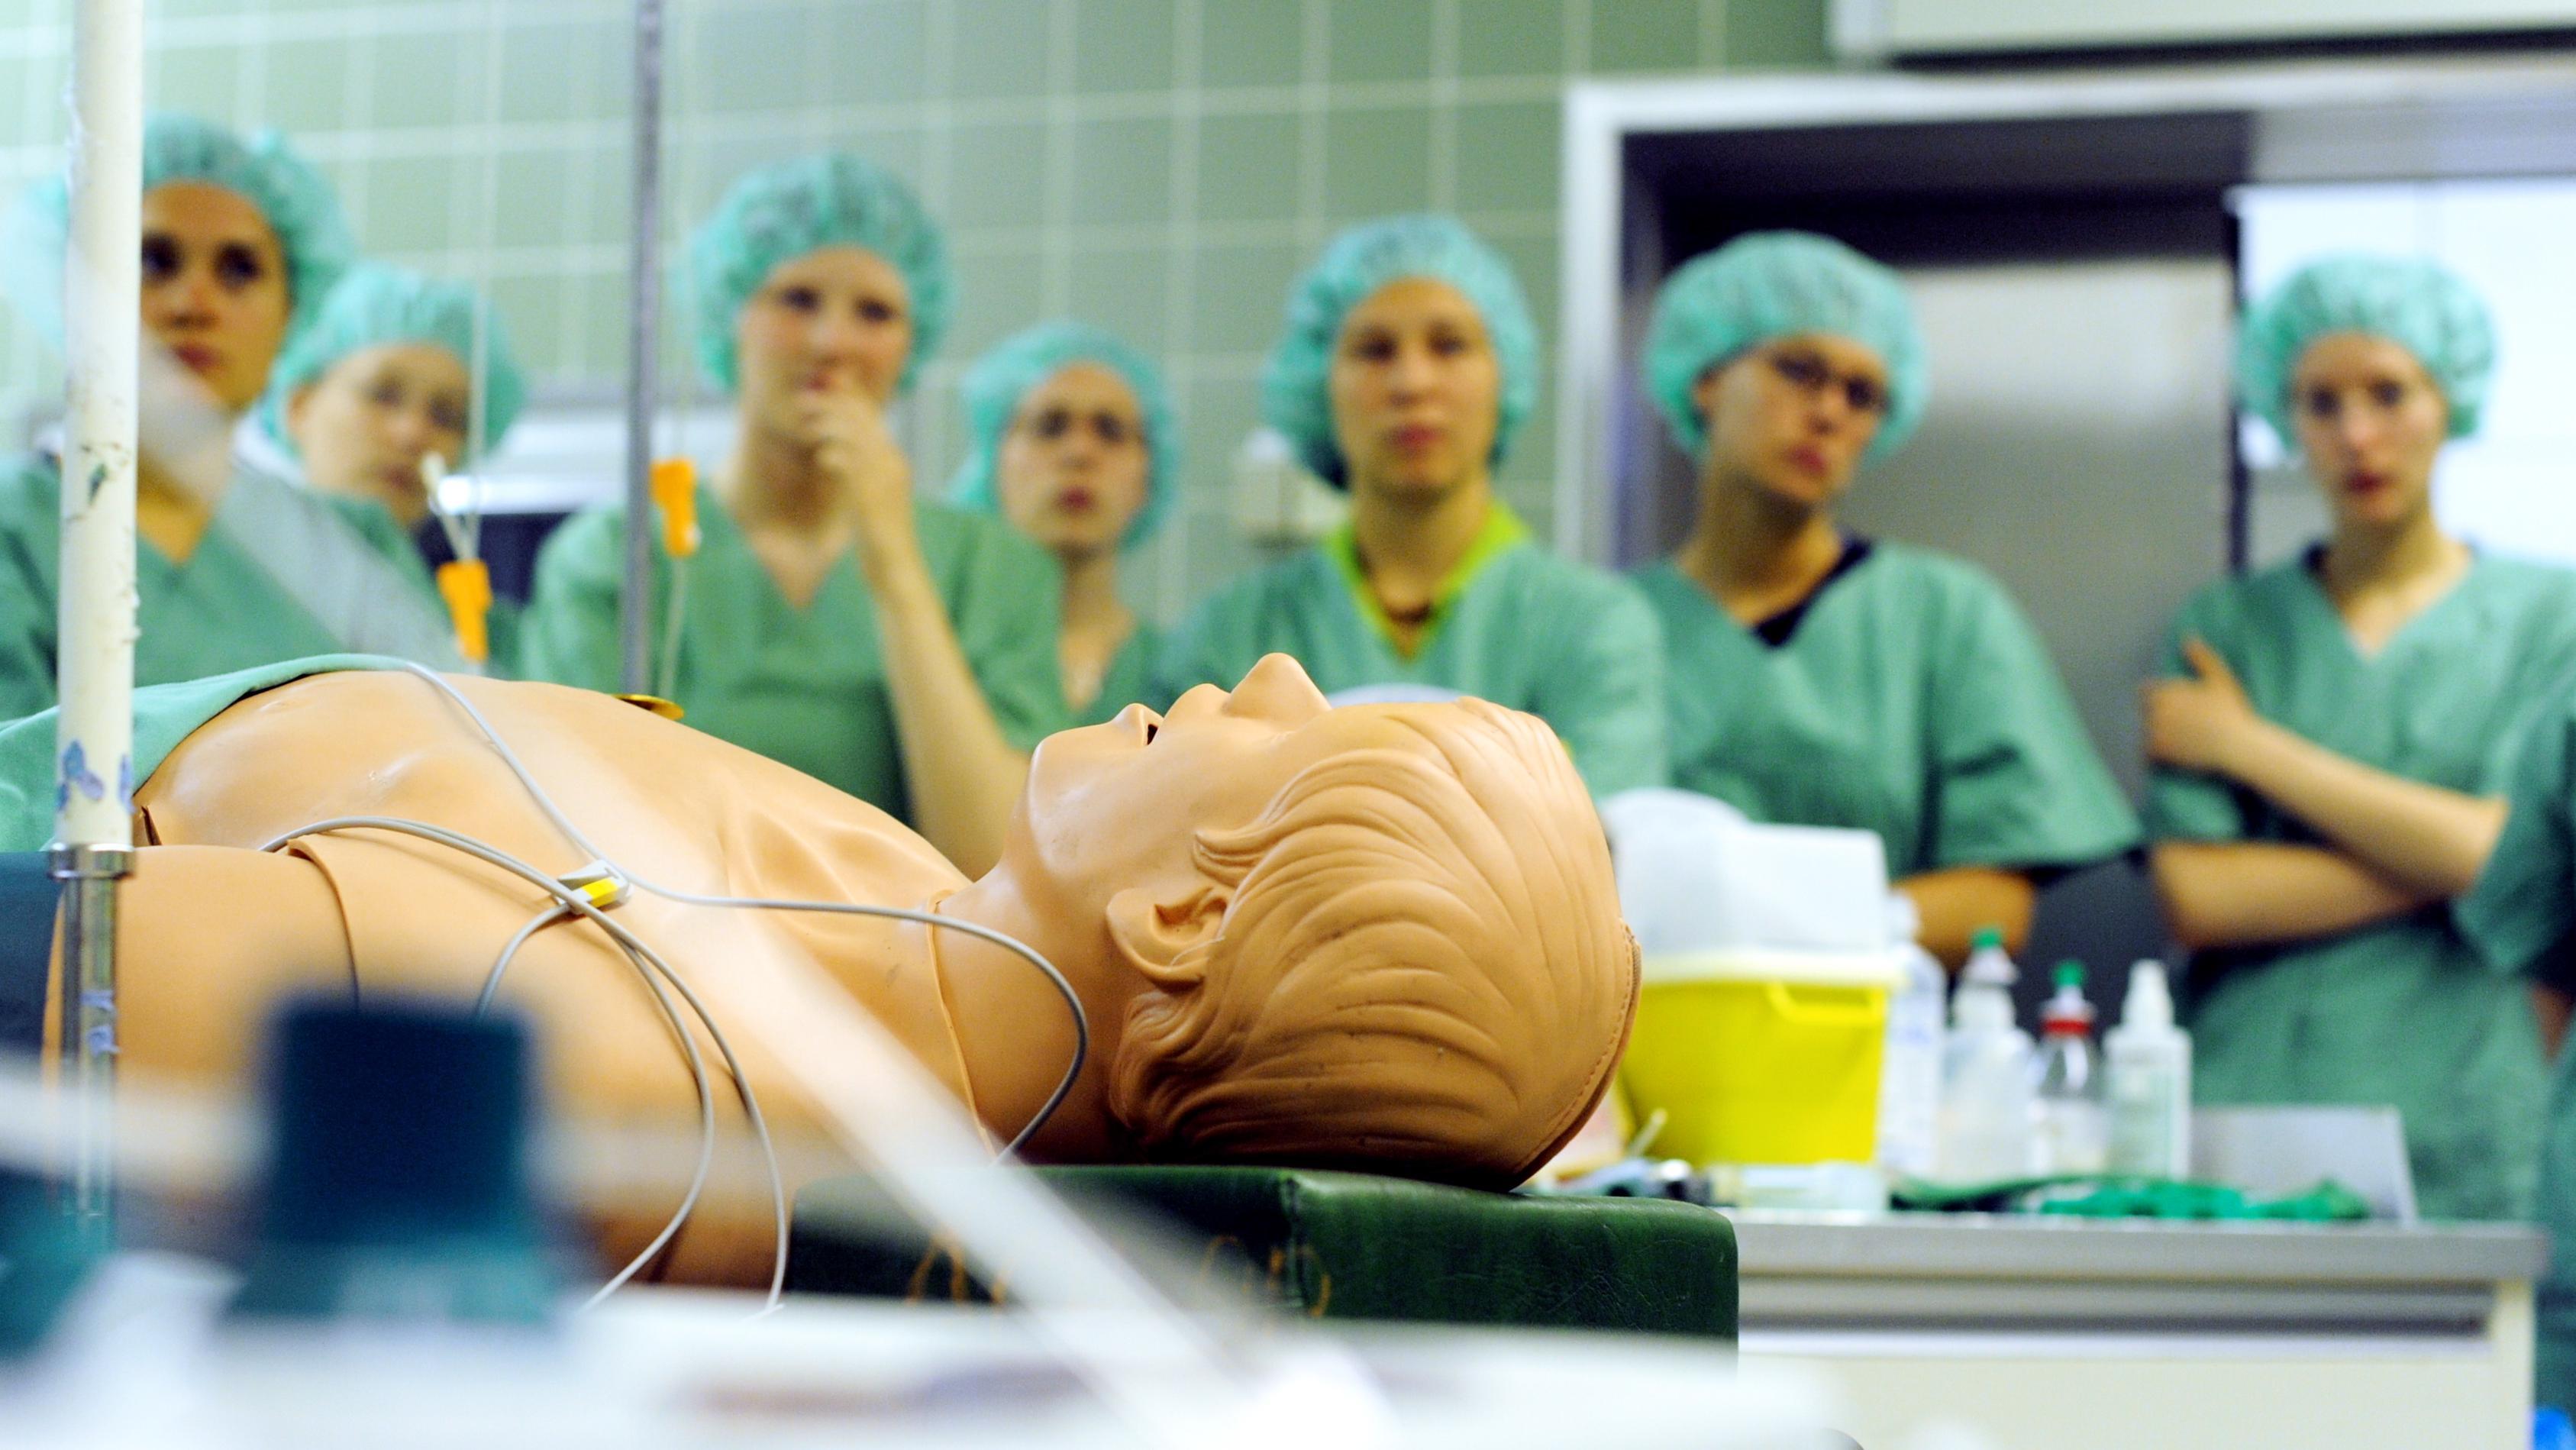 Mehrere Medizinstudenten stehen in einem Operationssaal um eine Puppe herum.